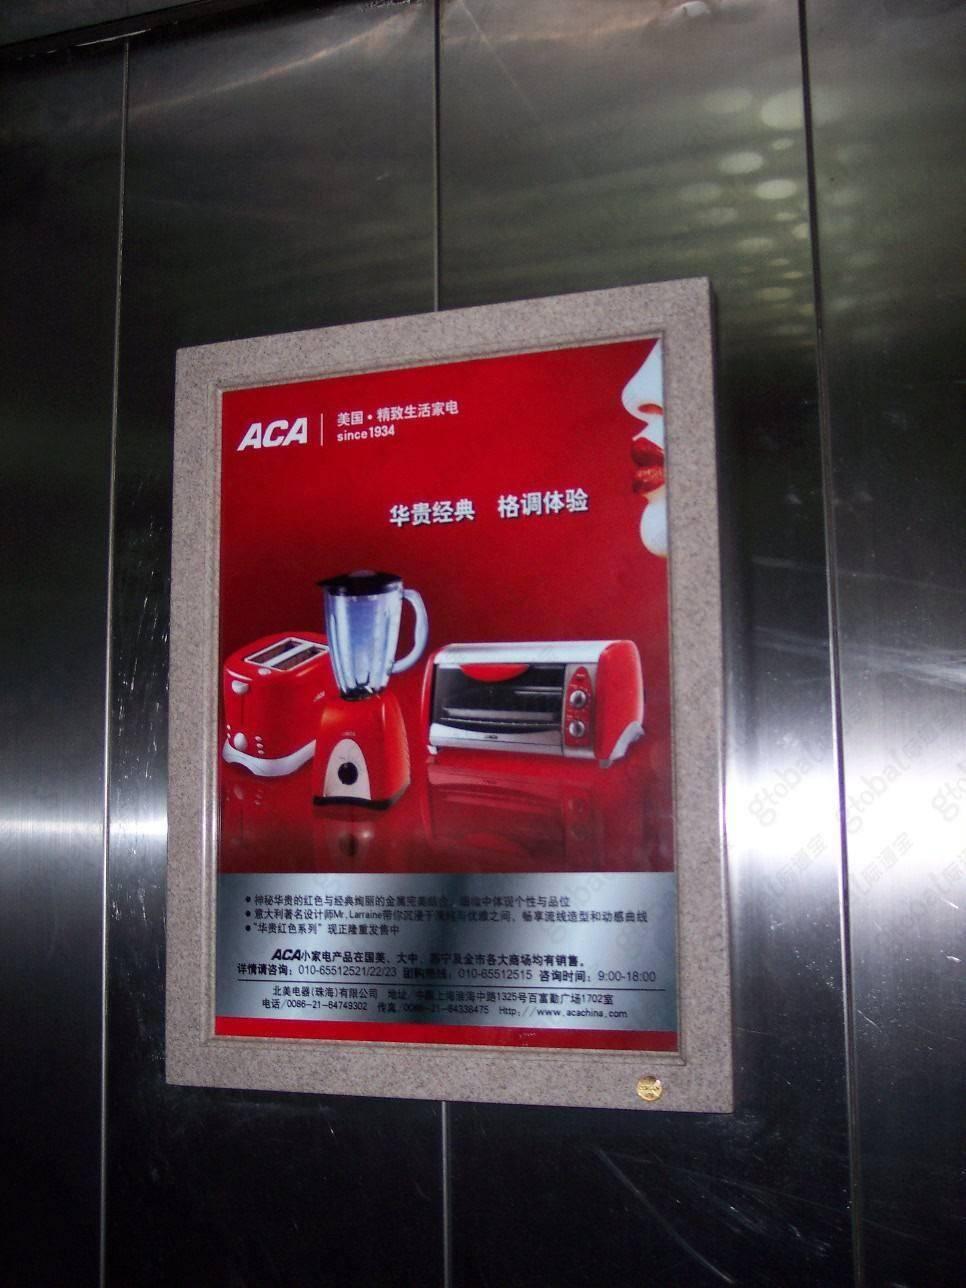 烟台电梯广告公司广告牌框架3.0投放(100框起投)